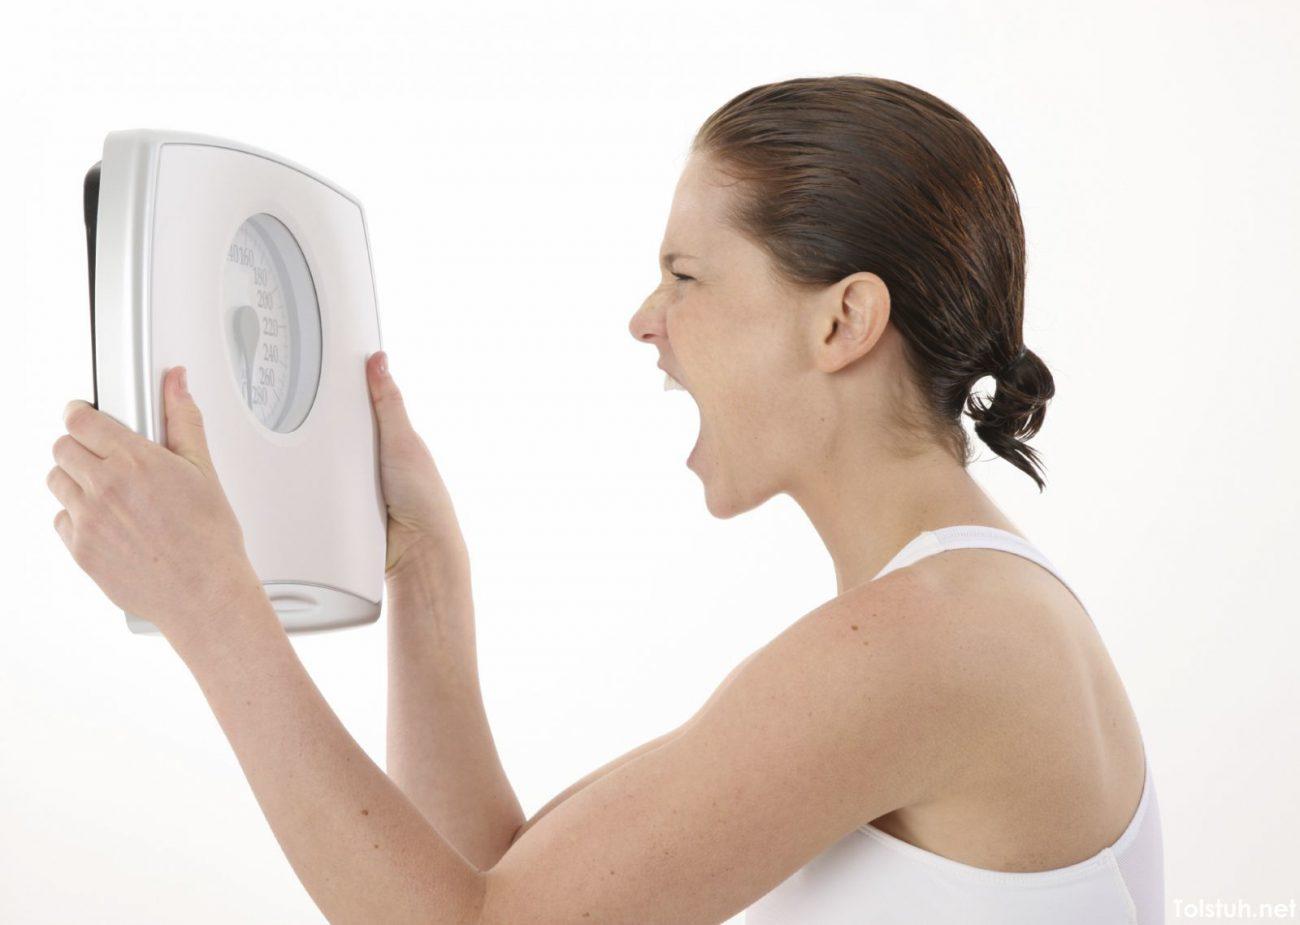 Похудеть, только подумав об этом? Почему бы и нет